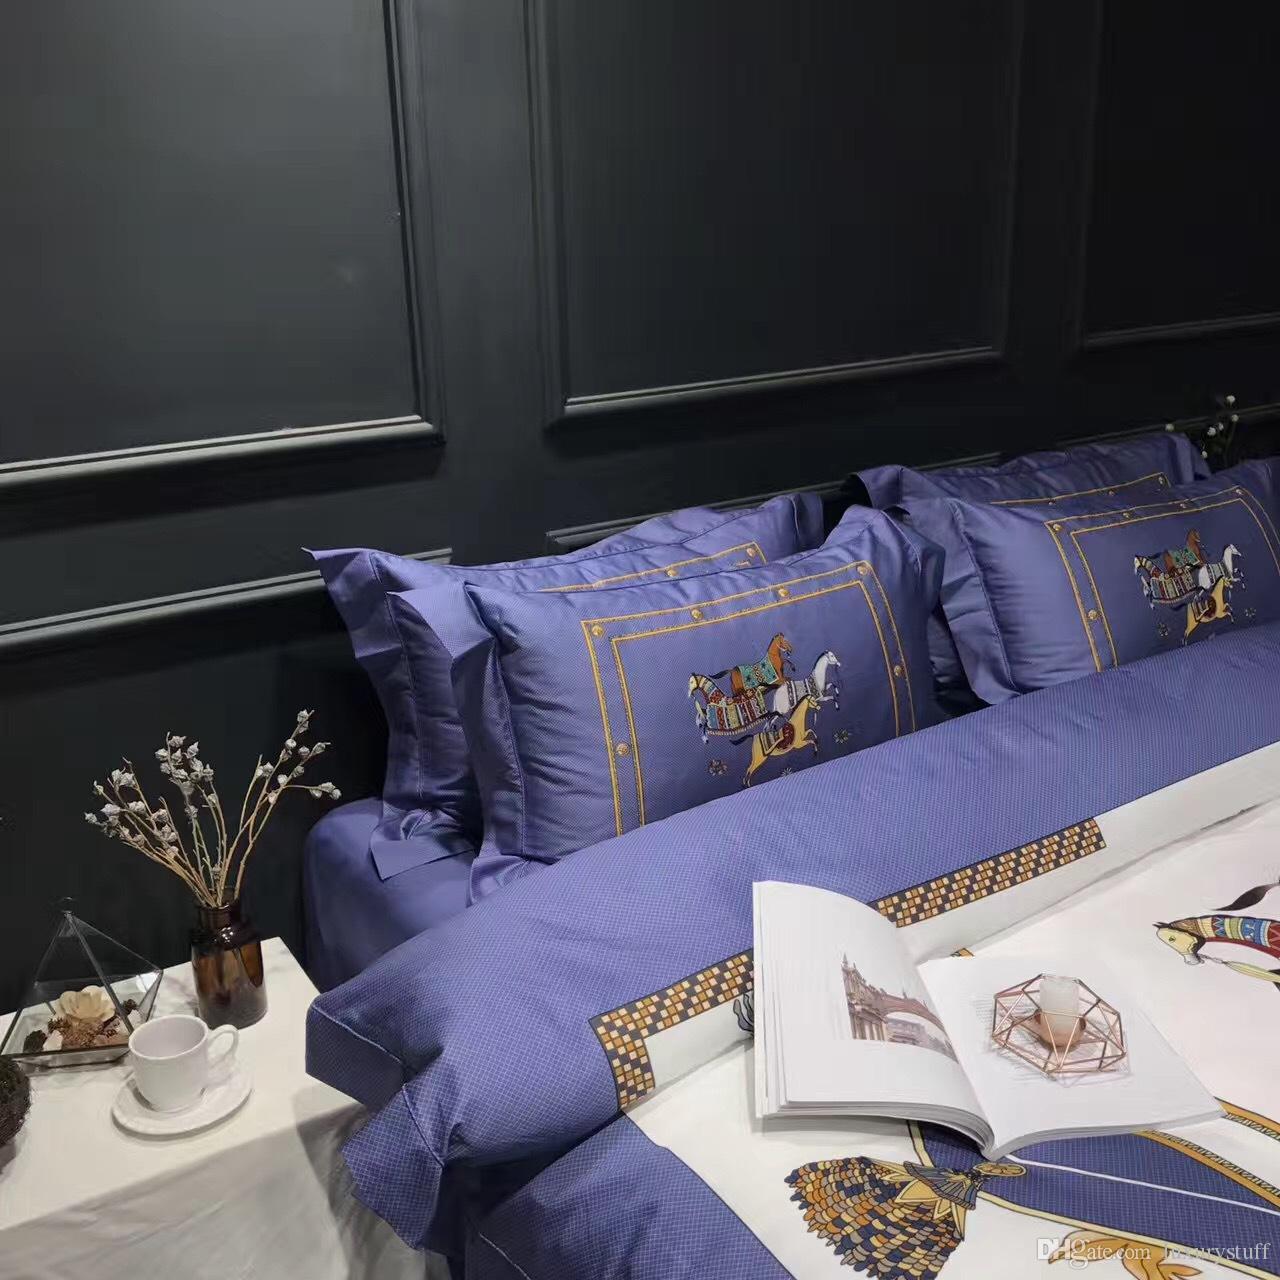 biancheria da letto delle ragazze set cotone di lusso biancheria da letto di cotone blu cavallo comforter set biancheria da letto in raso re consolatore copripiumino